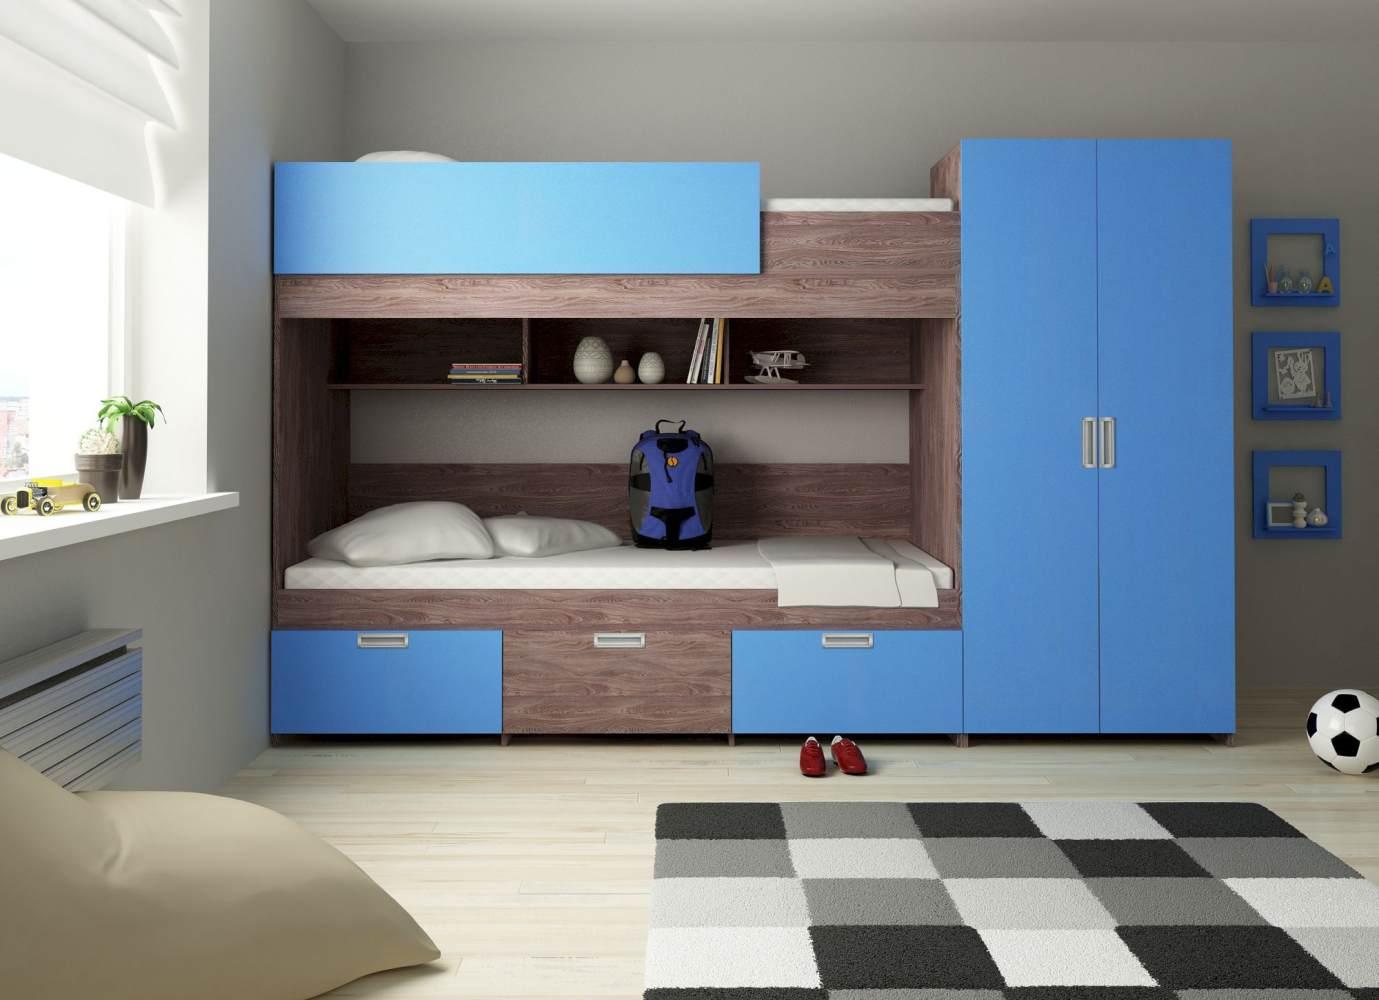 Etagenbett 'Heidelberg' dunkel/blau Bild 1